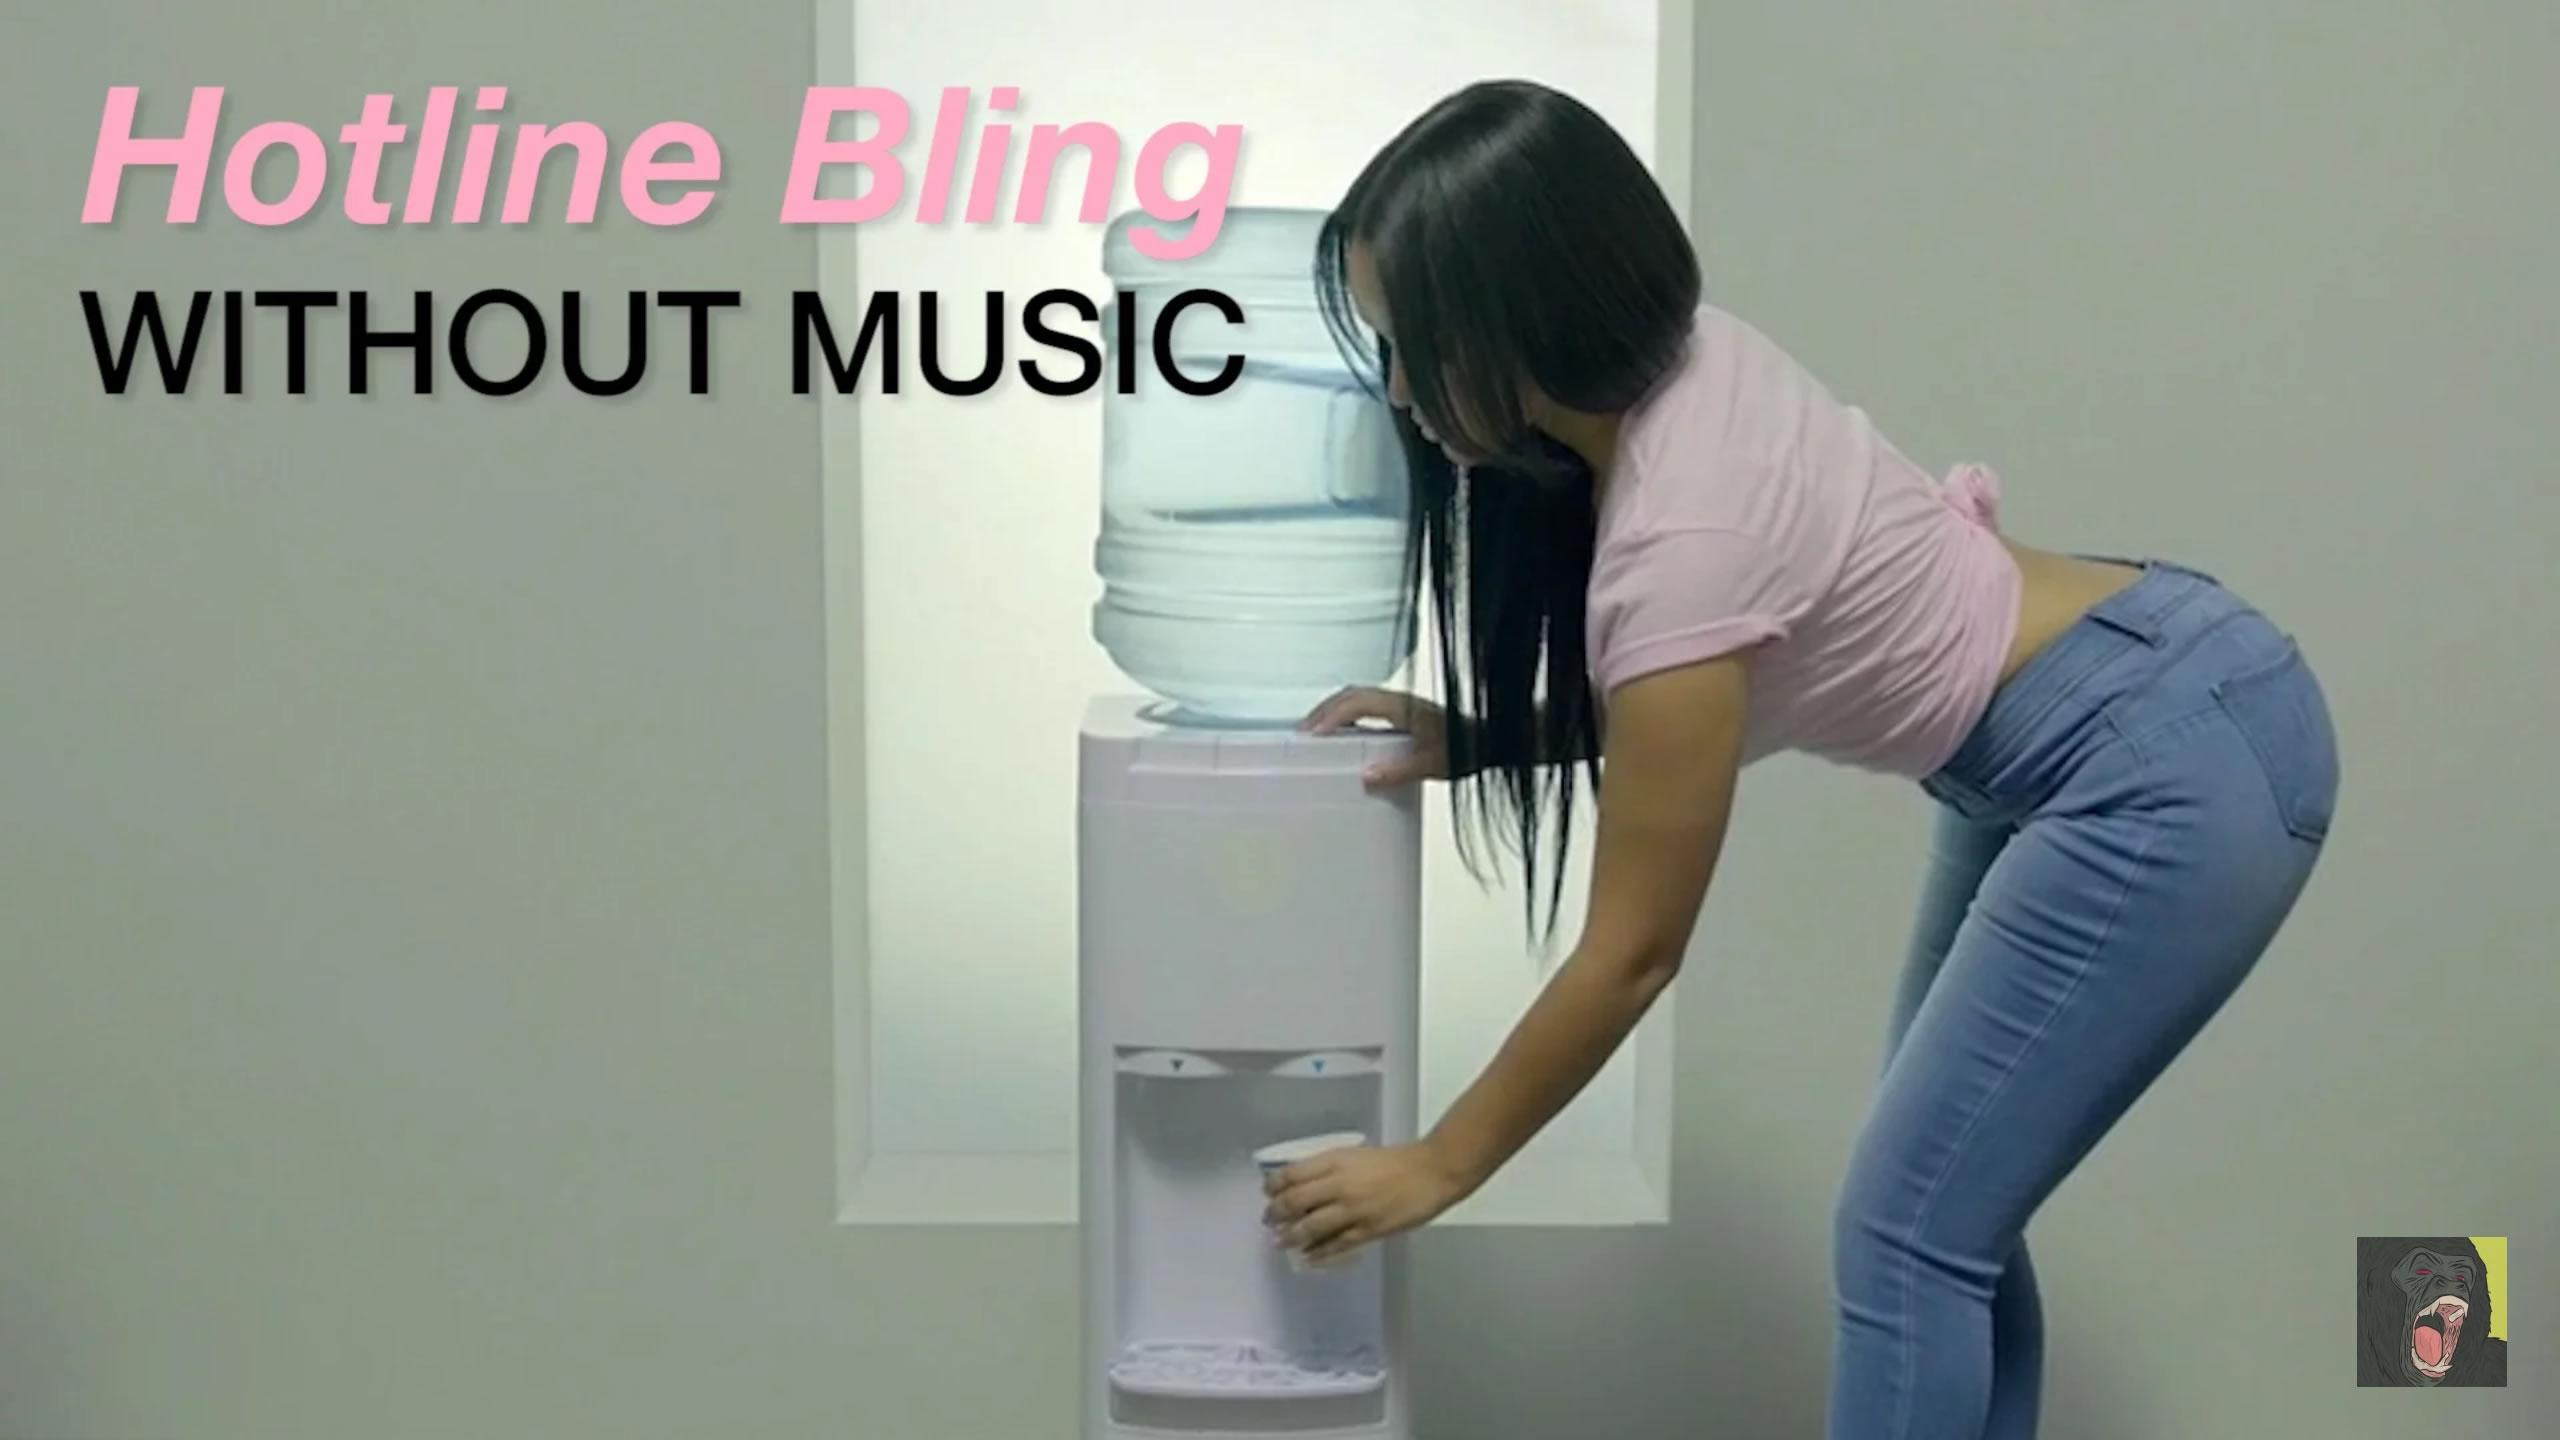 hotline bling image